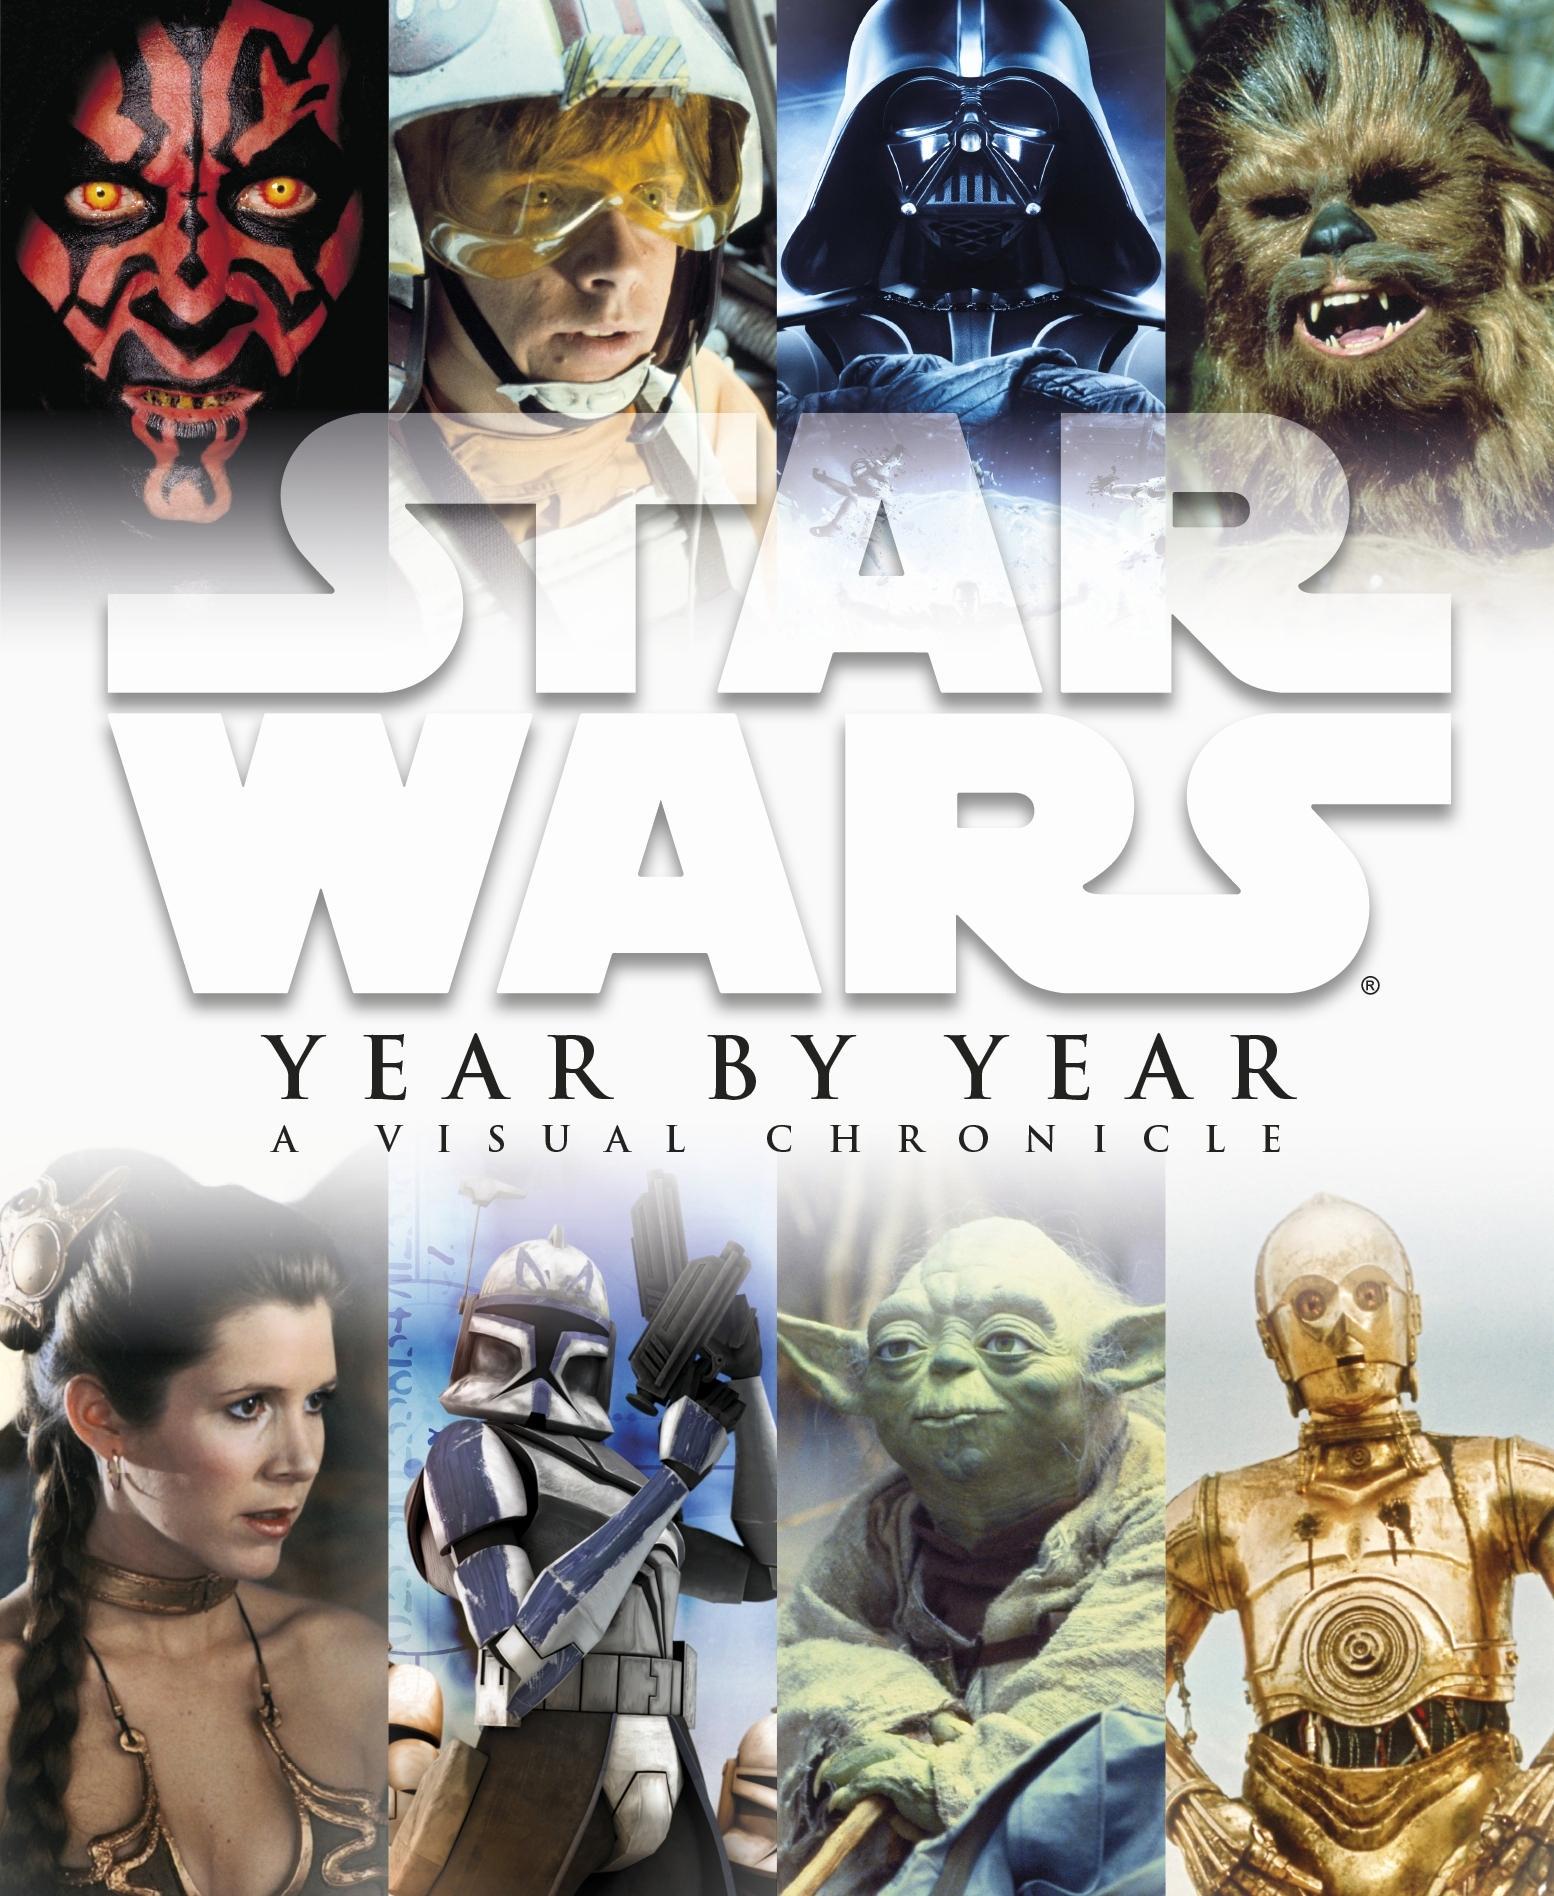 Звёздные войны. Год за годом: Визуальная хроника